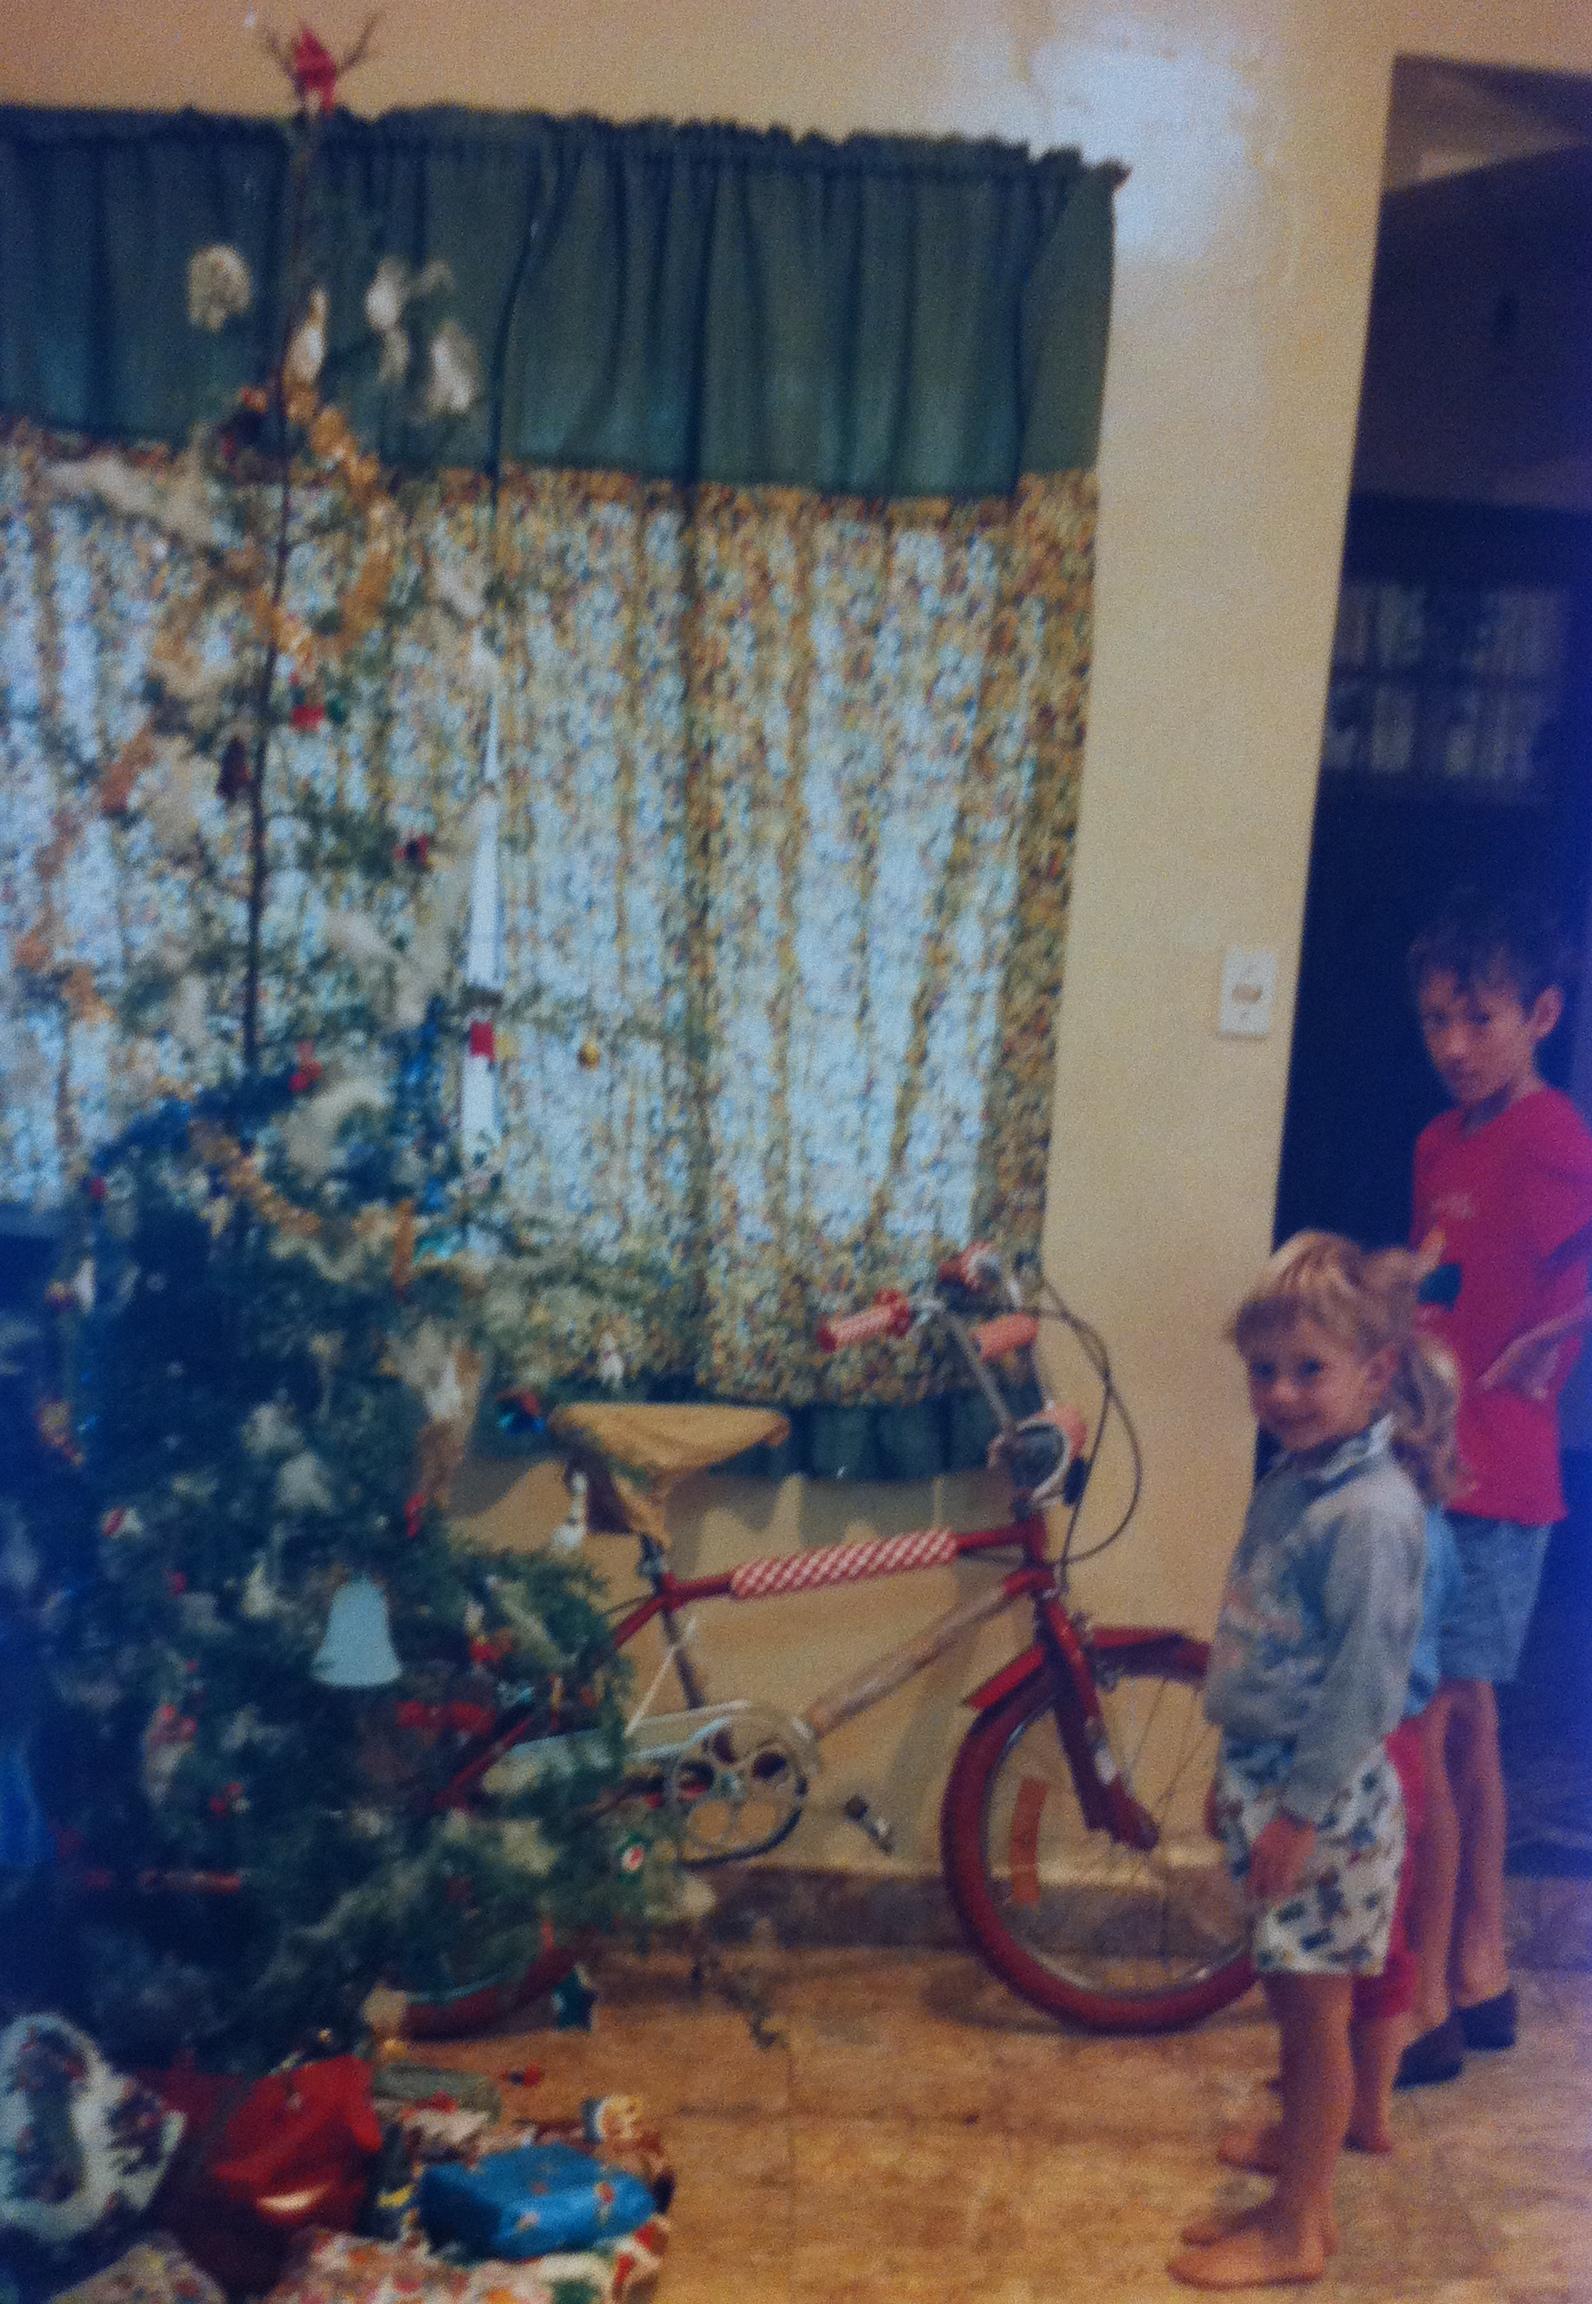 An MK Christmas